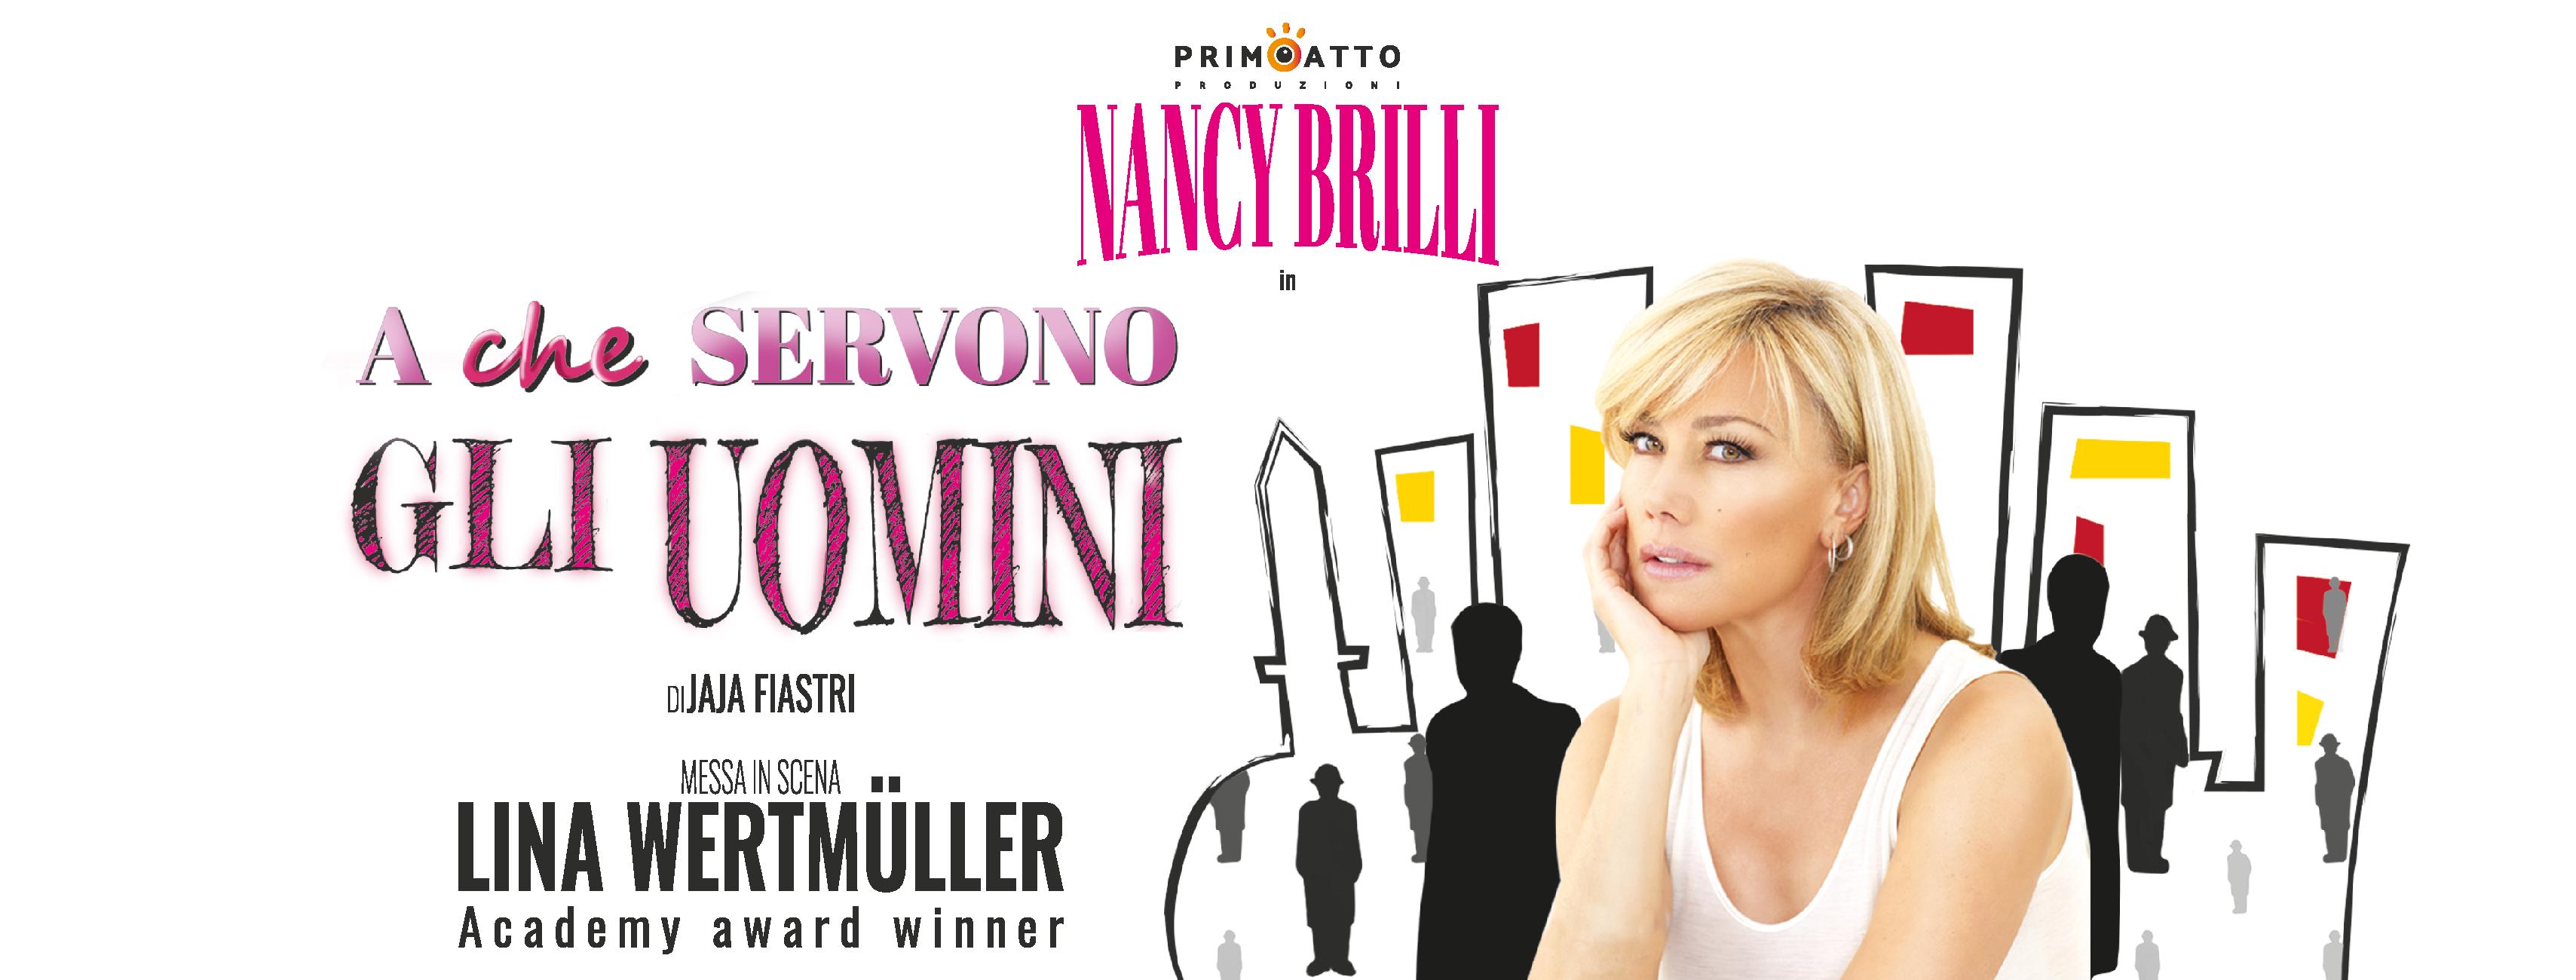 Nancy Brilli debutta ad Agropoli